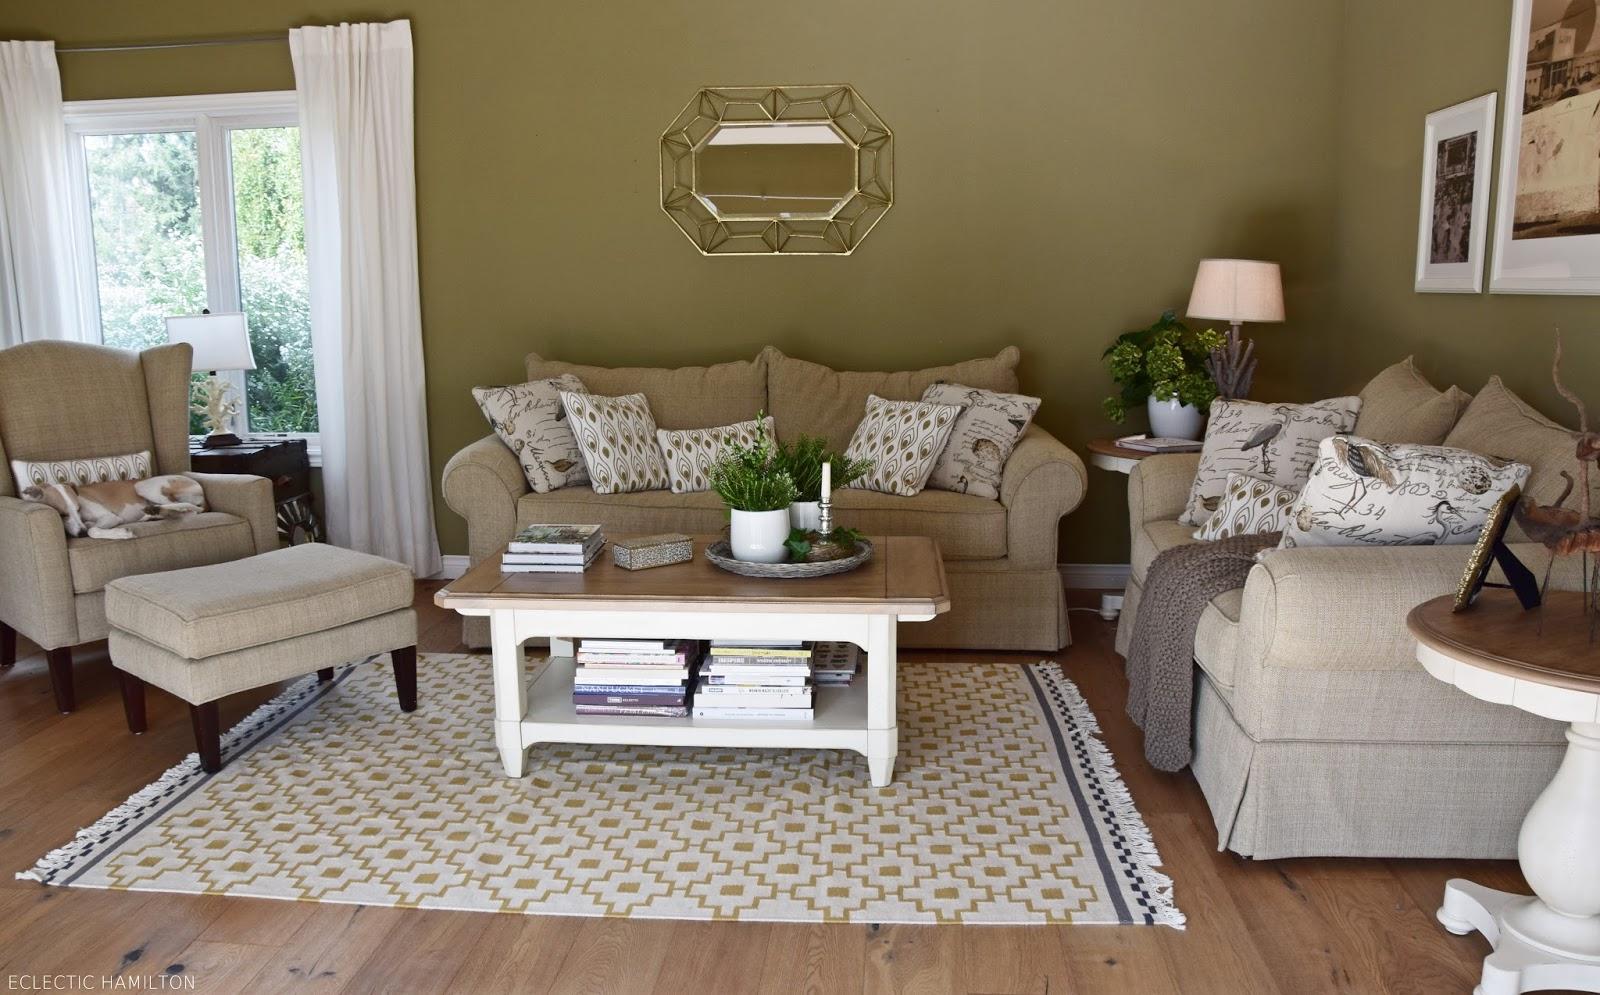 Mein Wohnzimmer ... neu gestaltet - Eclectic Hamilton